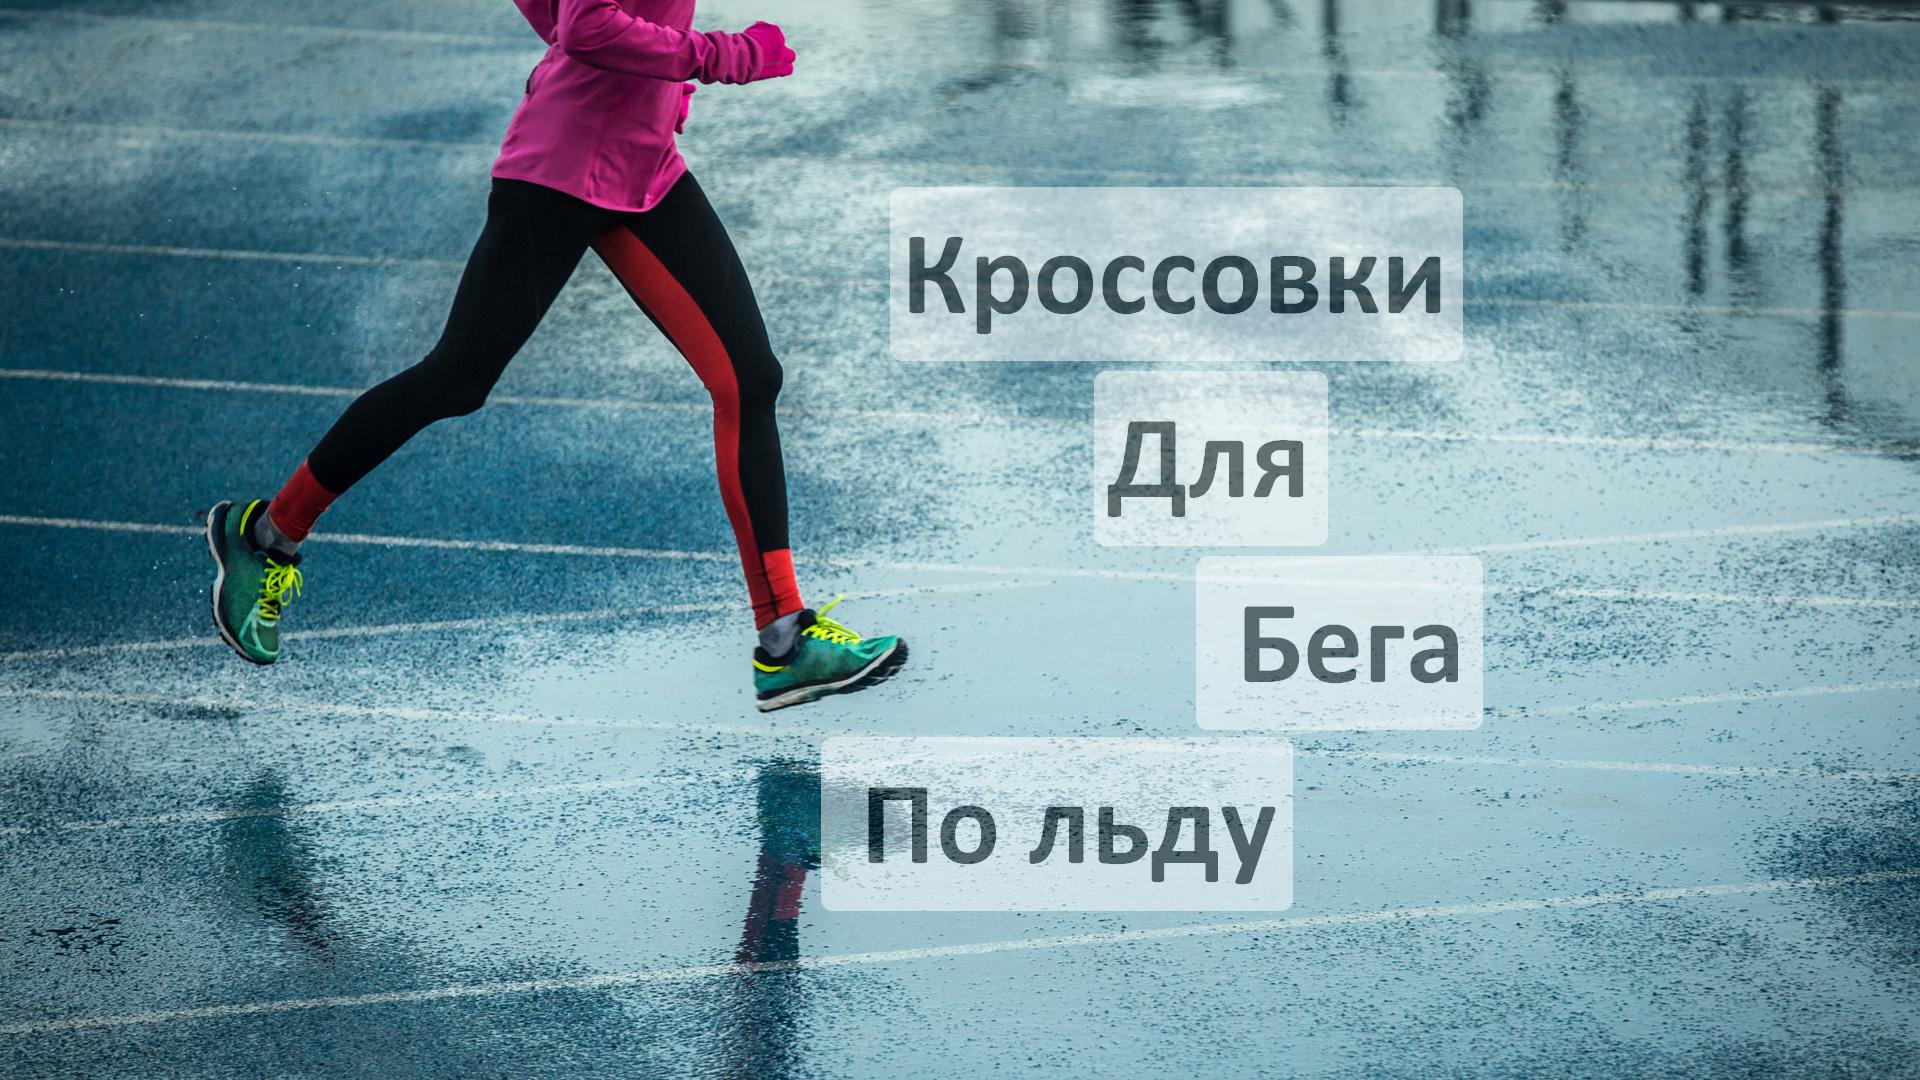 5dcd88b3 Кроссовки для бега по льду и снегу